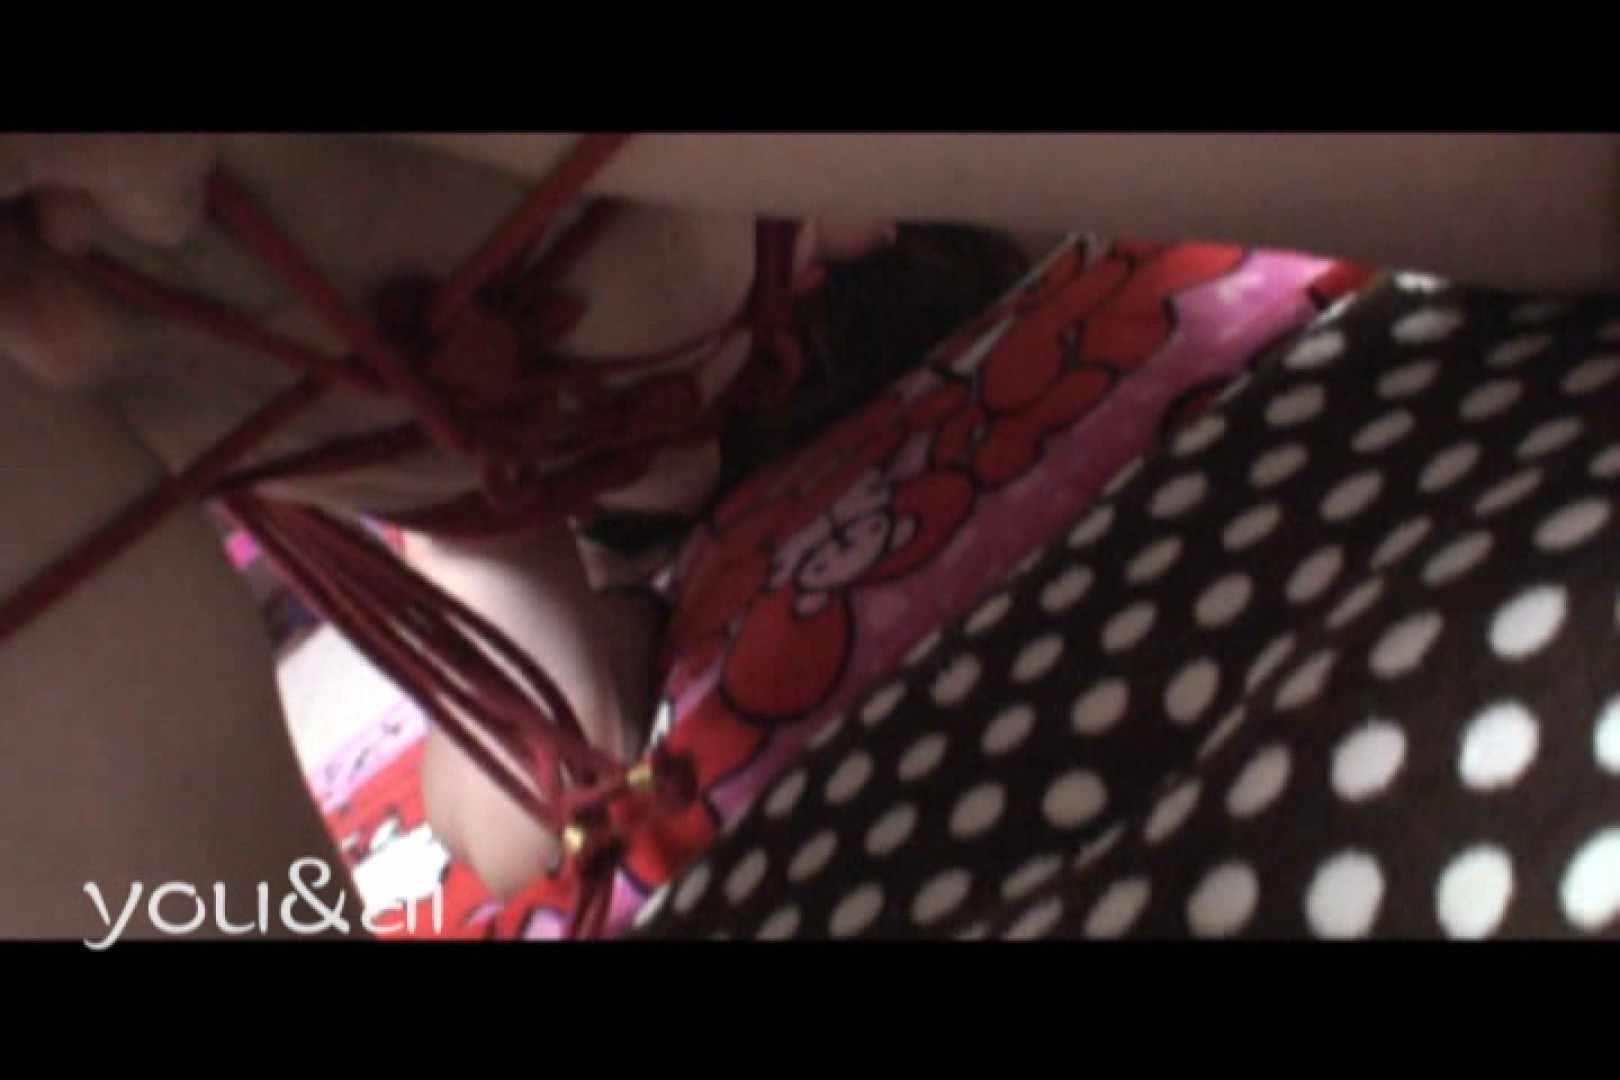 おしどり夫婦のyou&aiさん投稿作品vol.17 緊縛   美しいOLの裸体  99pic 34